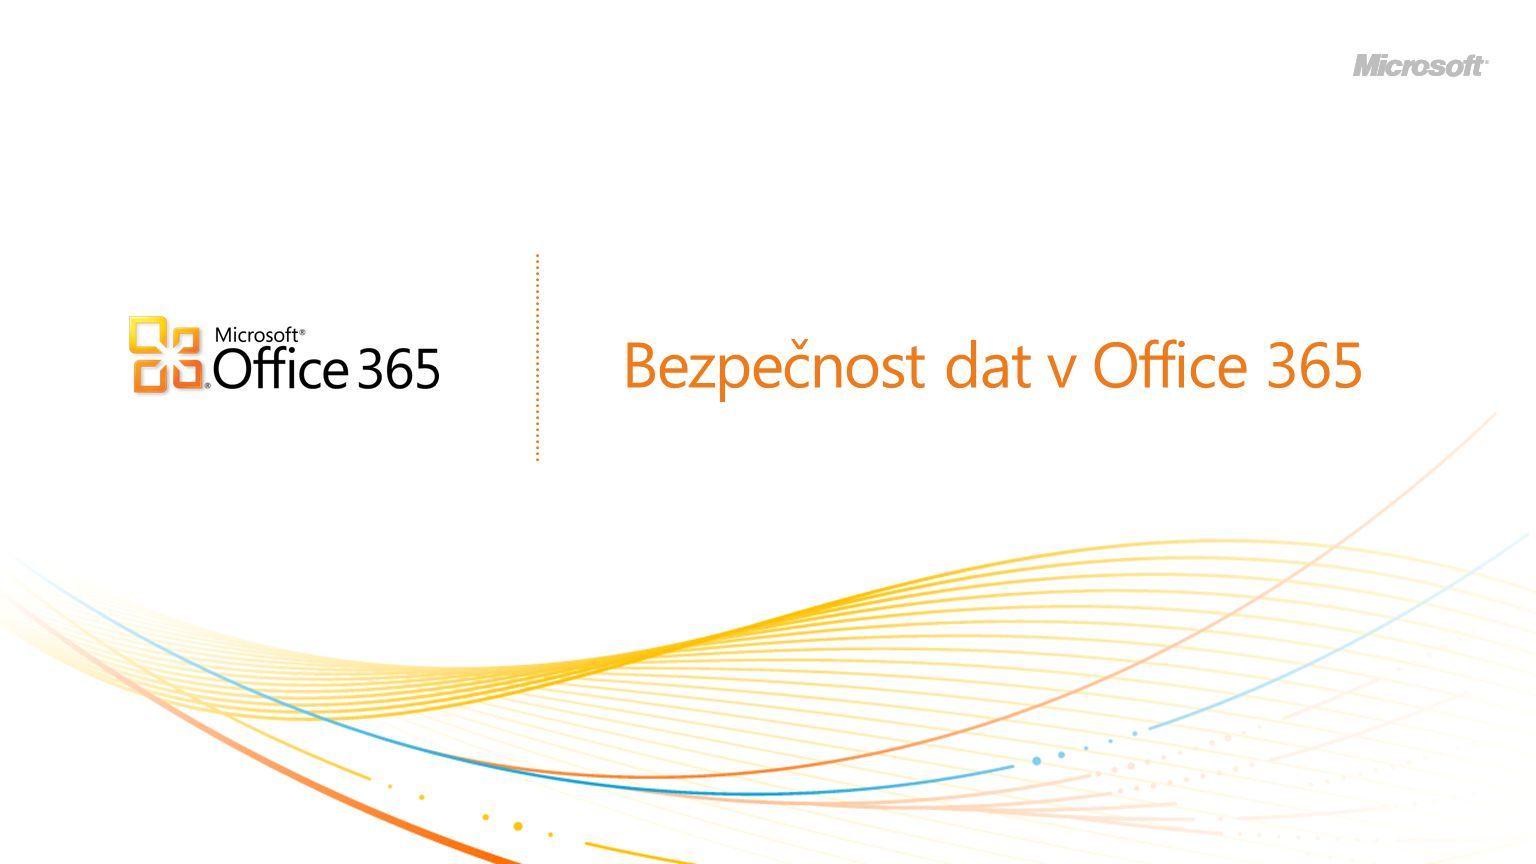   Copyright© 2010 Microsoft Corporation Každý kontejner obsahuje 2,000 serverů